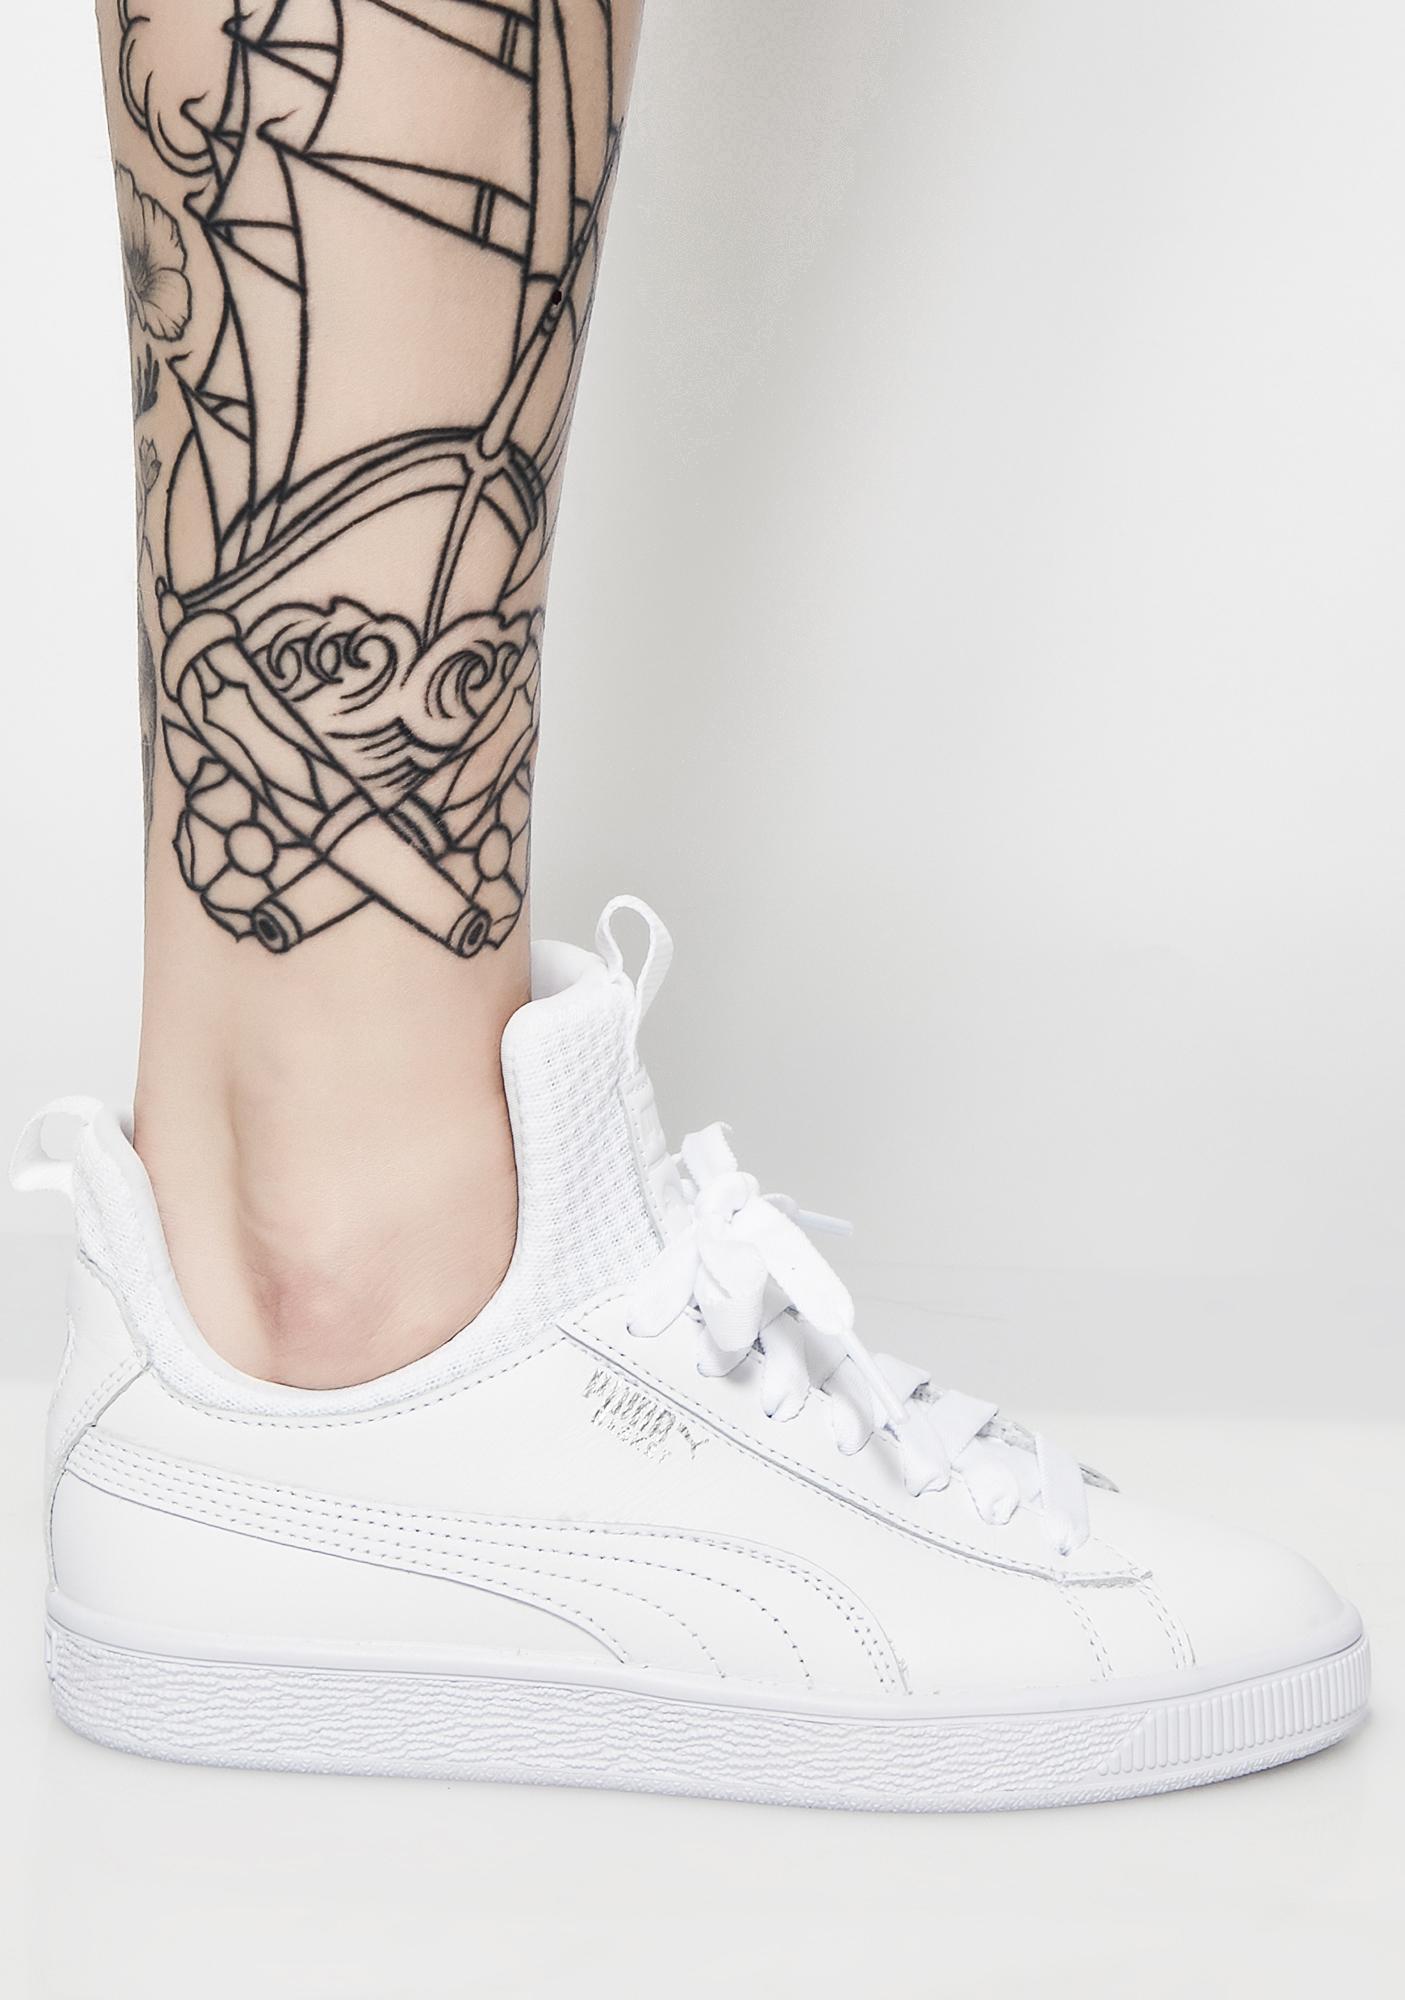 PUMA Basket Fierce Sneakers